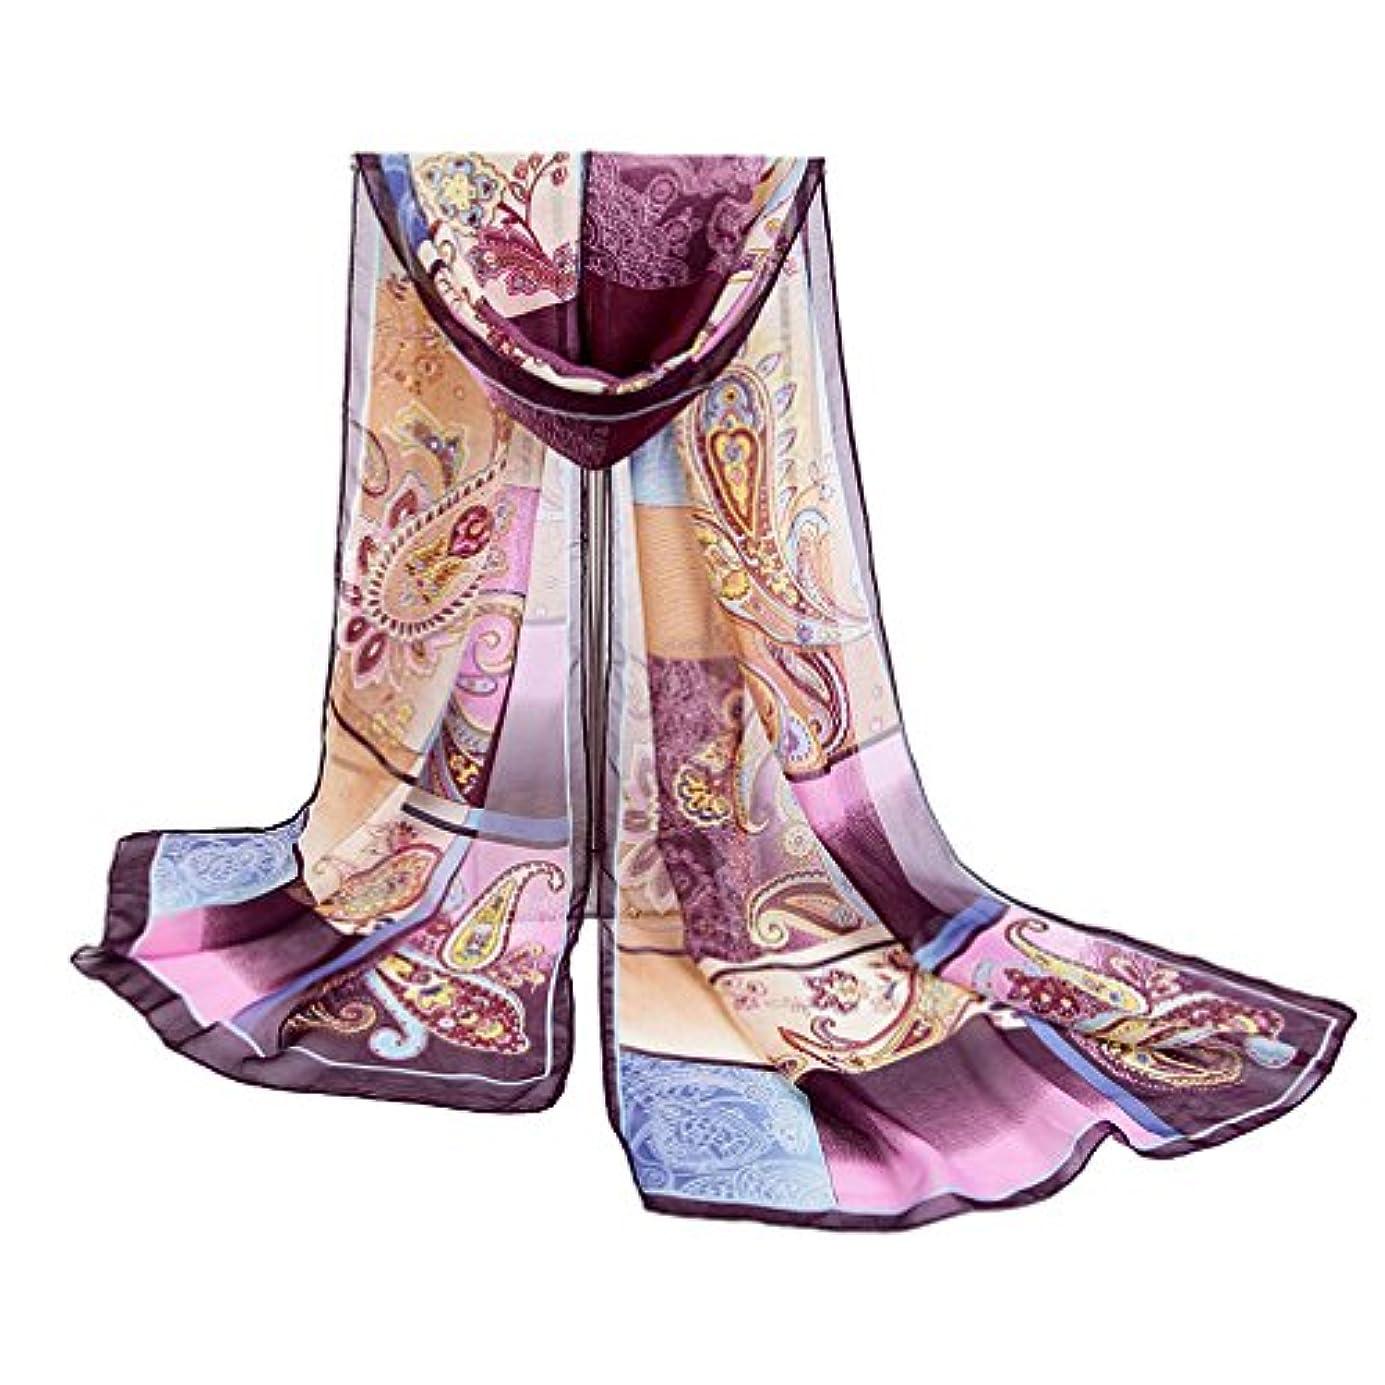 乳白ハンディキャップ北米(ビグッド) Bigood シフォン スカーフ レディース マフラー 薄手 羽織り UVカット?冷房対策 ショール 肩掛け 旅行 通勤 プレゼント